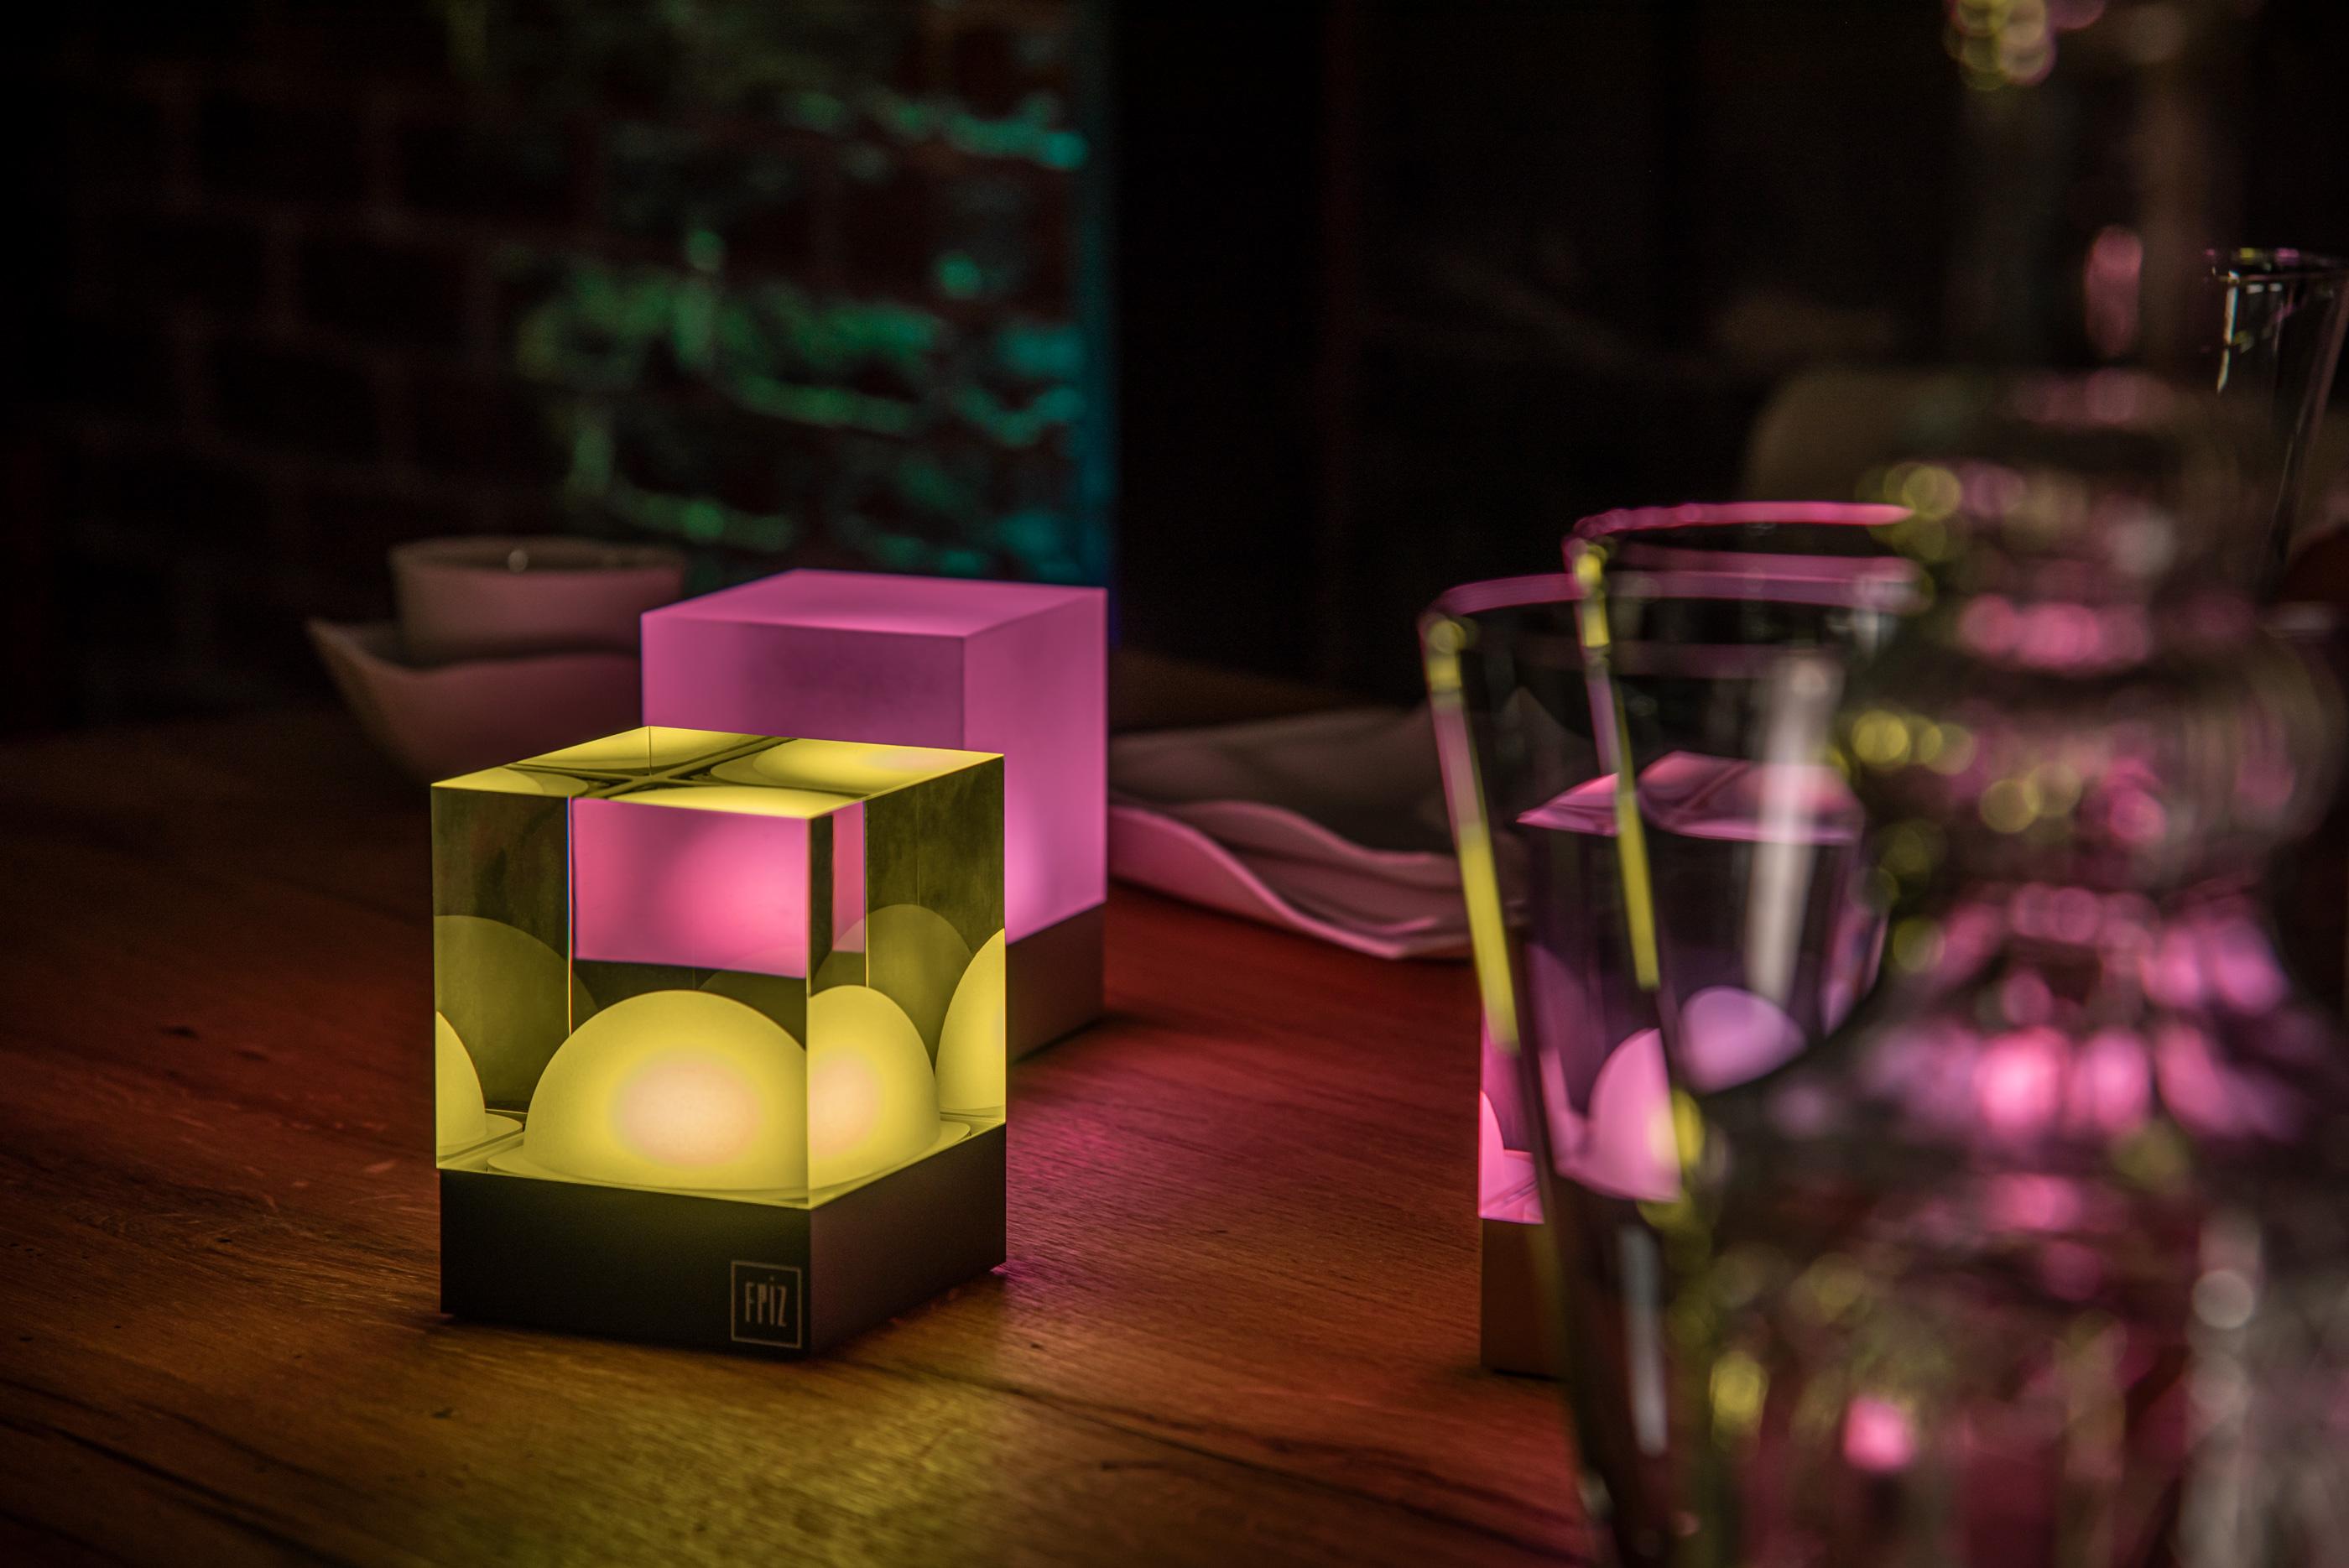 CUBEs von FRIZ bunt beleuchtet auf Holztisch